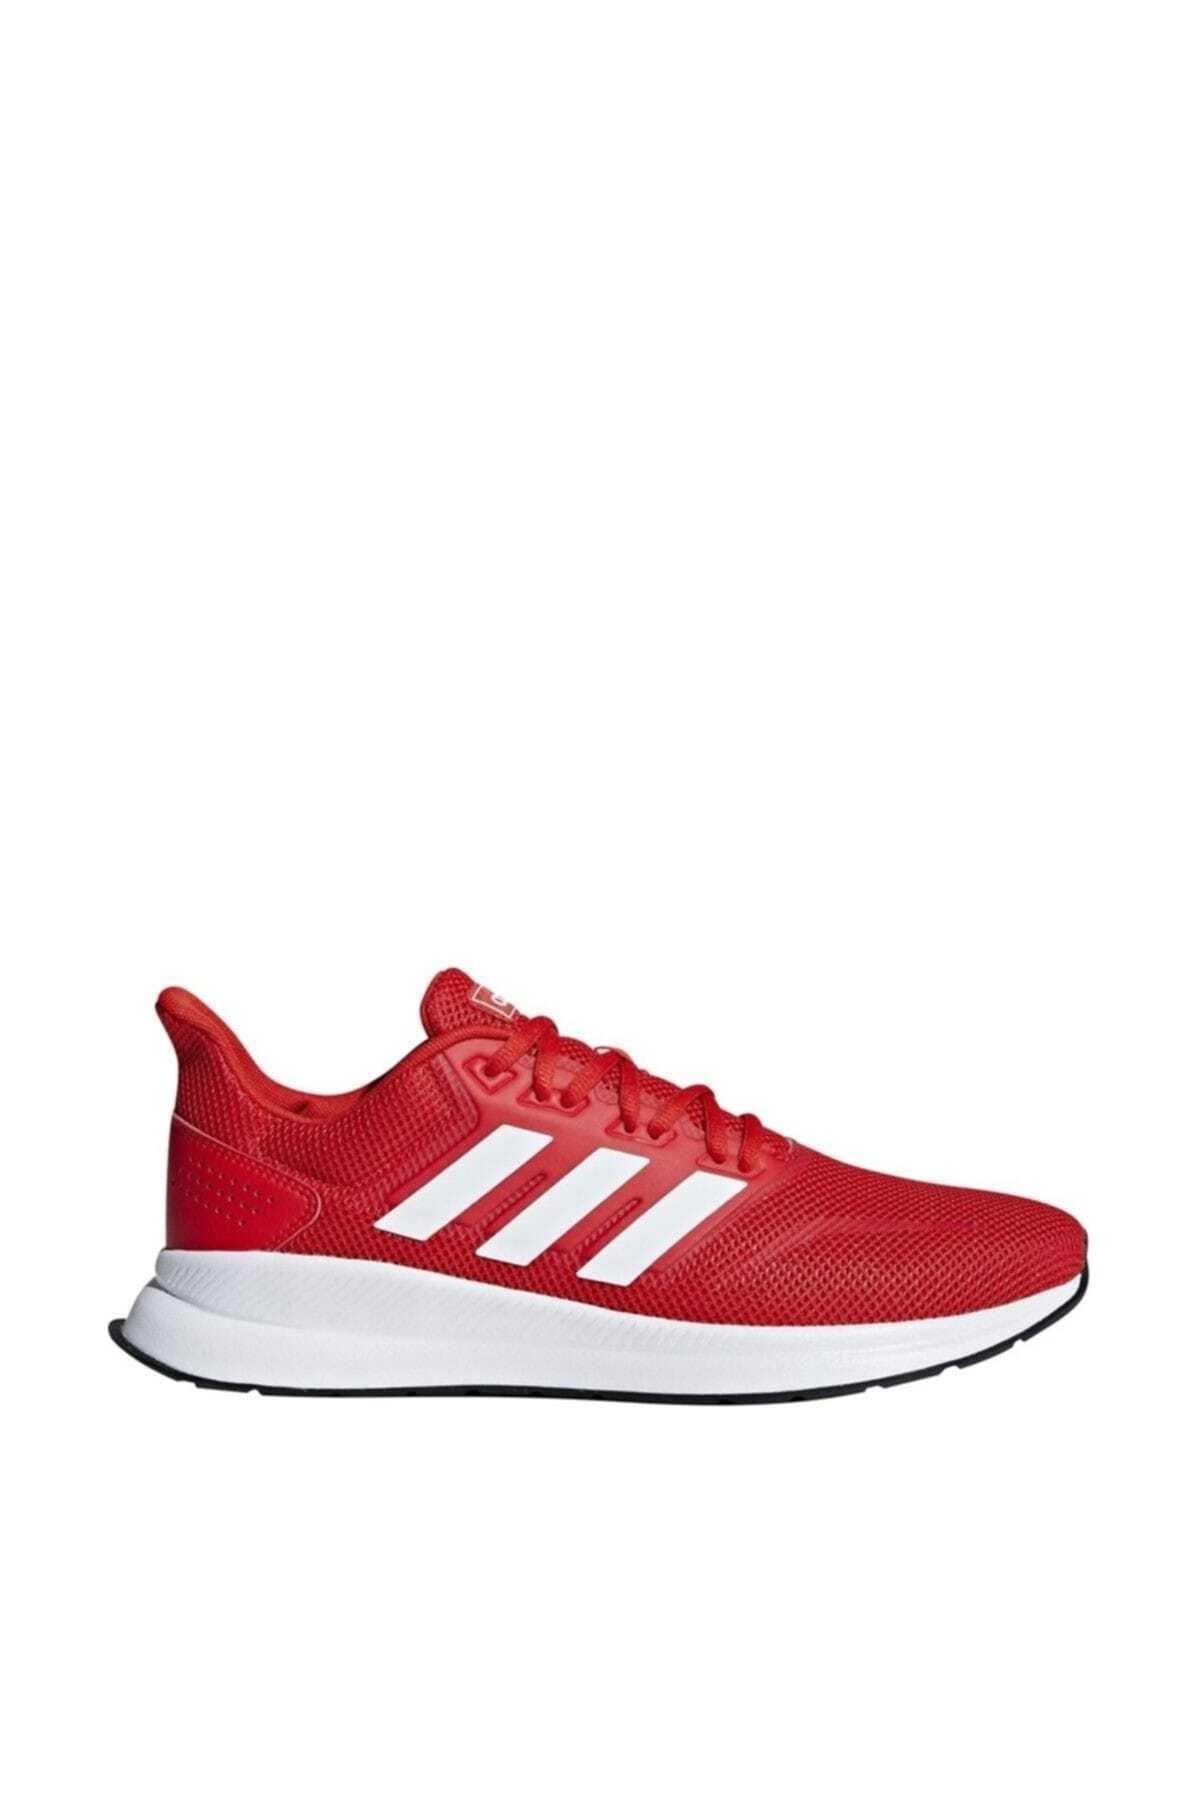 خرید اینترنتی کفش مخصوص دویدن بلند برند آدیداس رنگ قرمز ty5788353